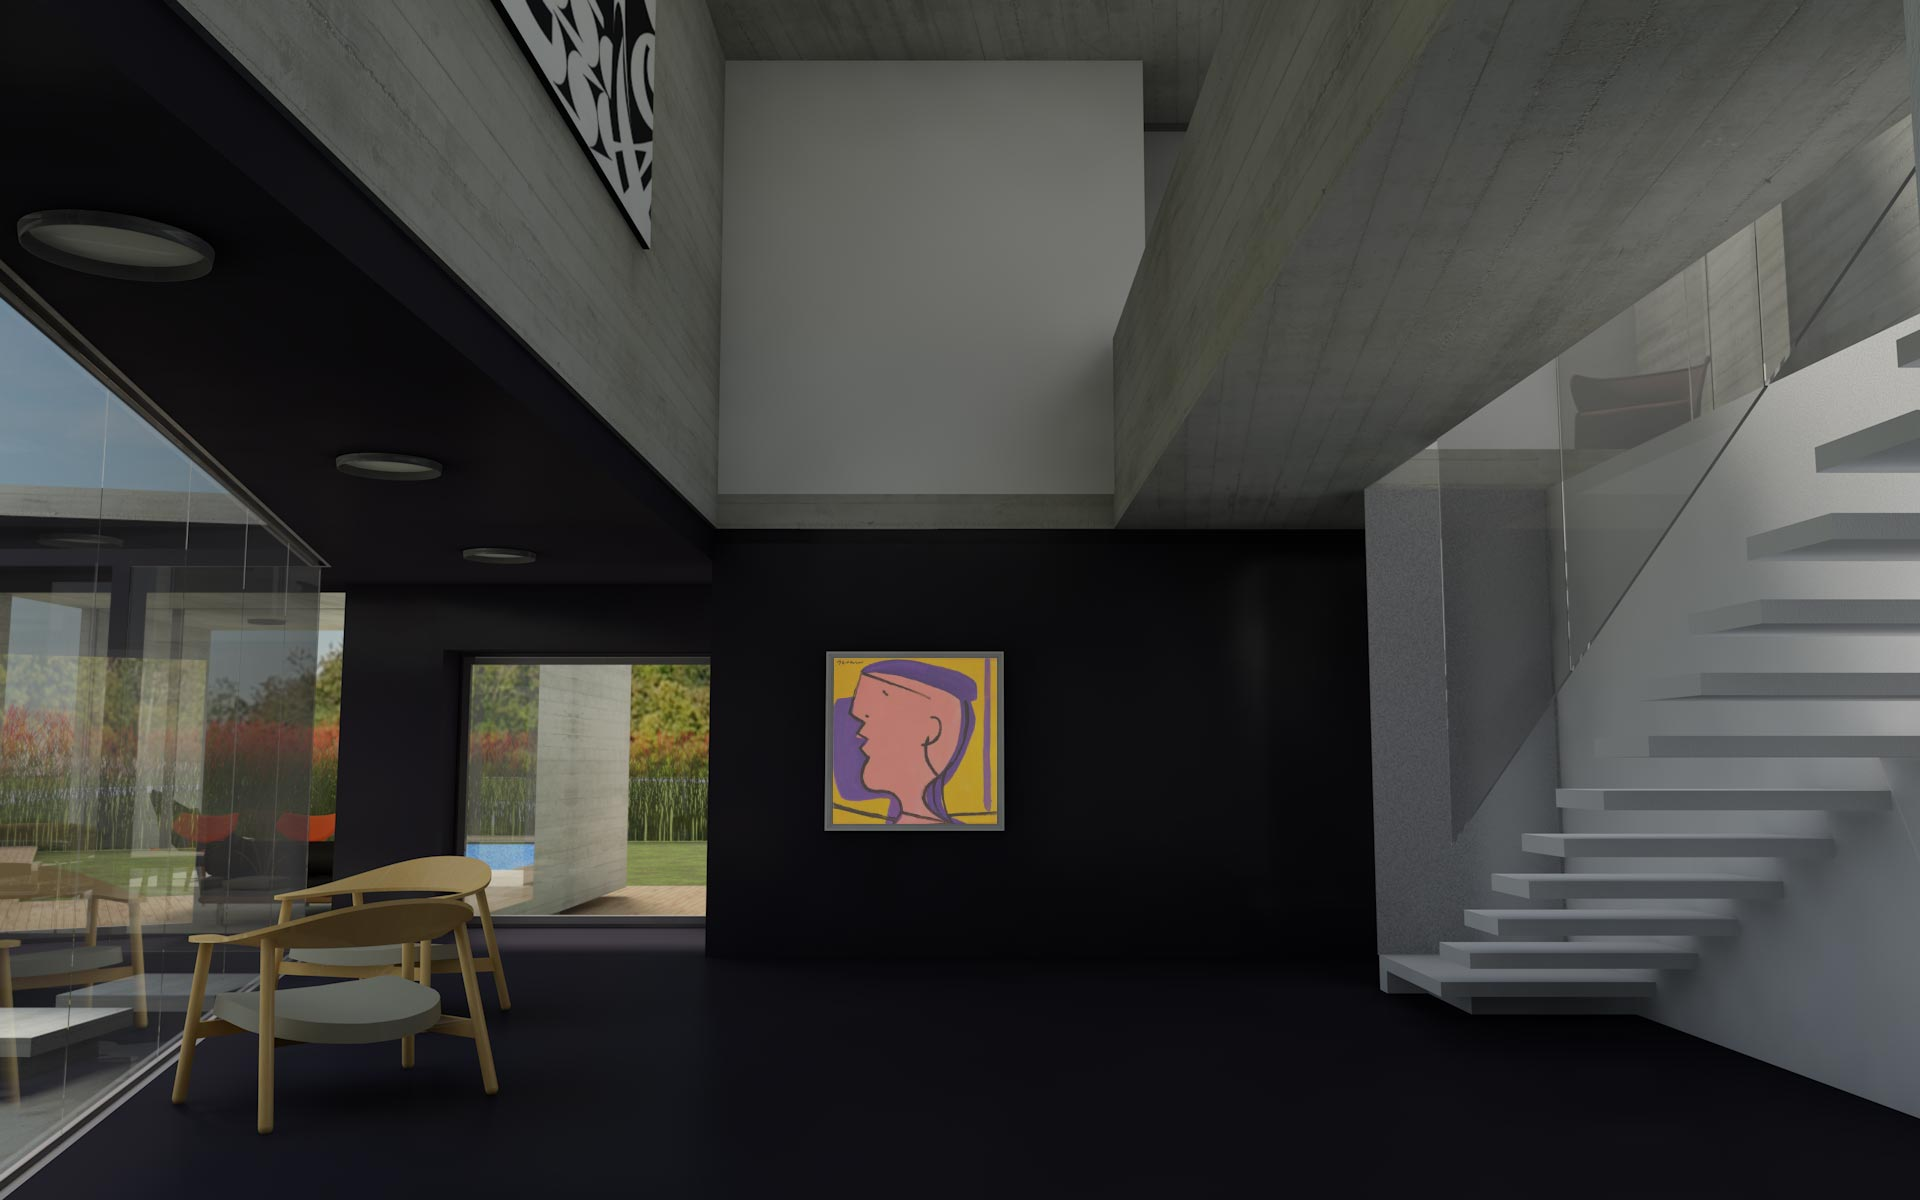 Arquitectura, doble altura interior en negro con escalera flotante blanca y baranda de vidrio